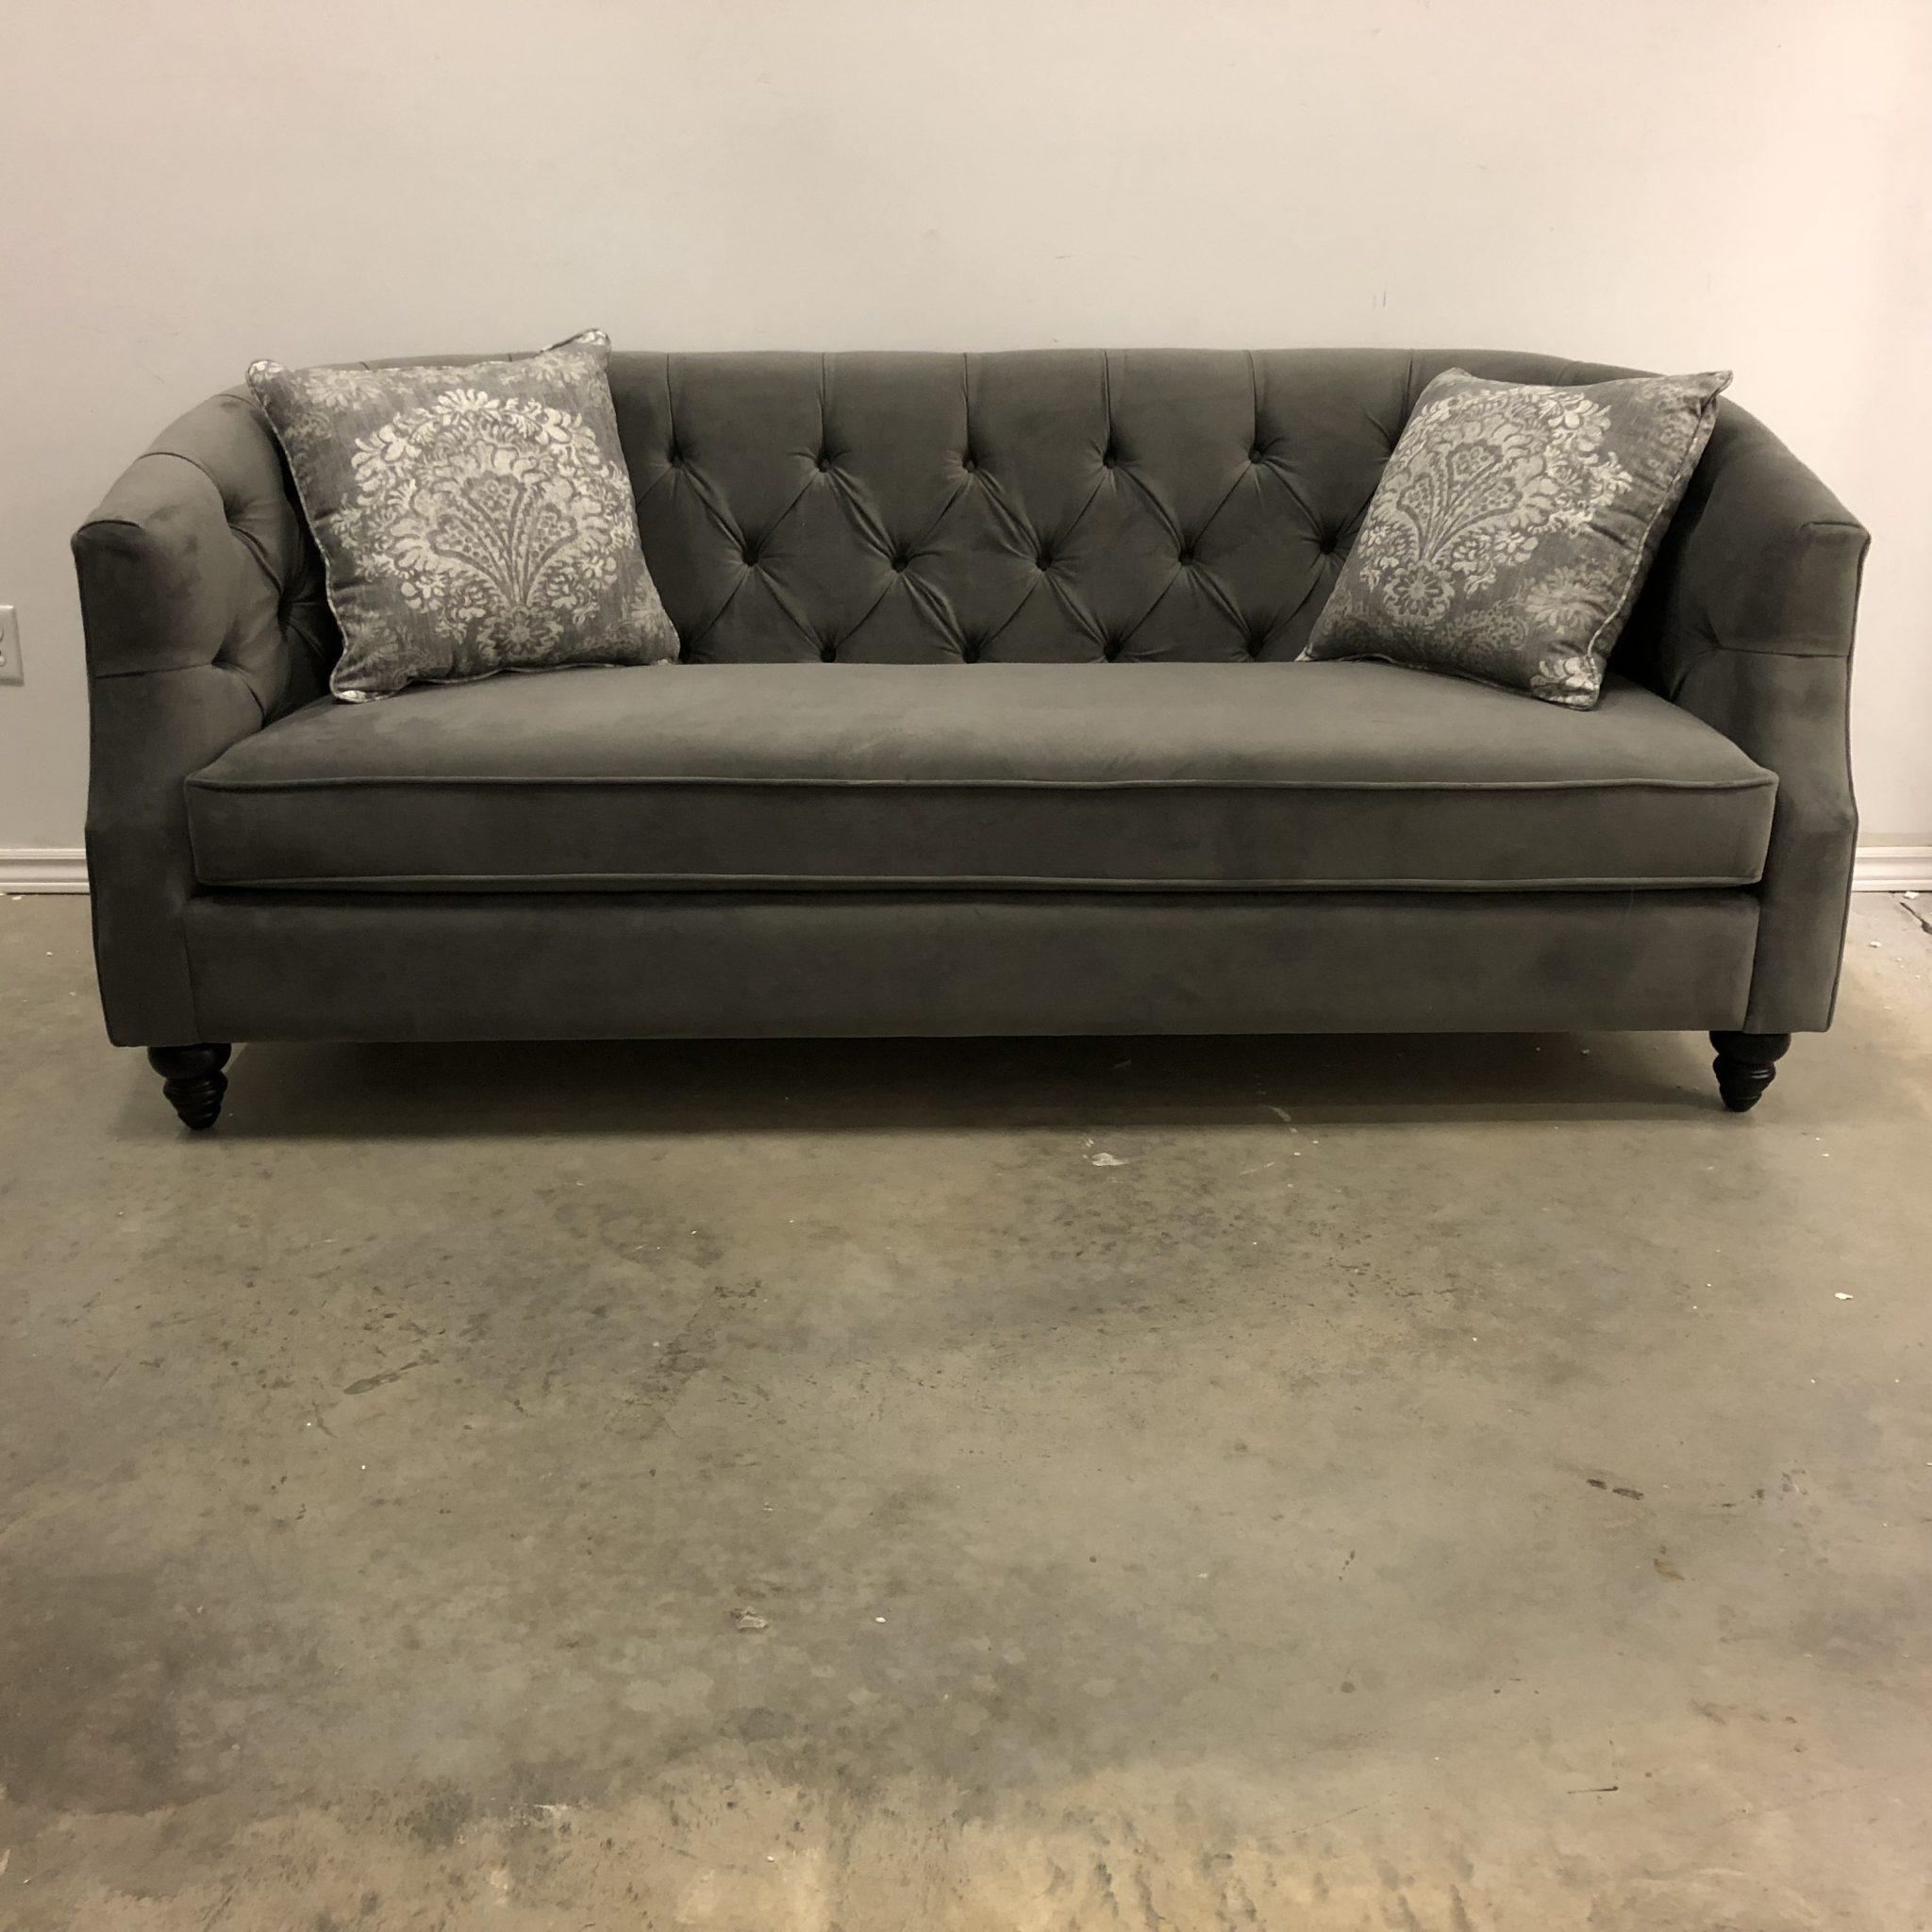 Daisy Tufted Fabric Sofa